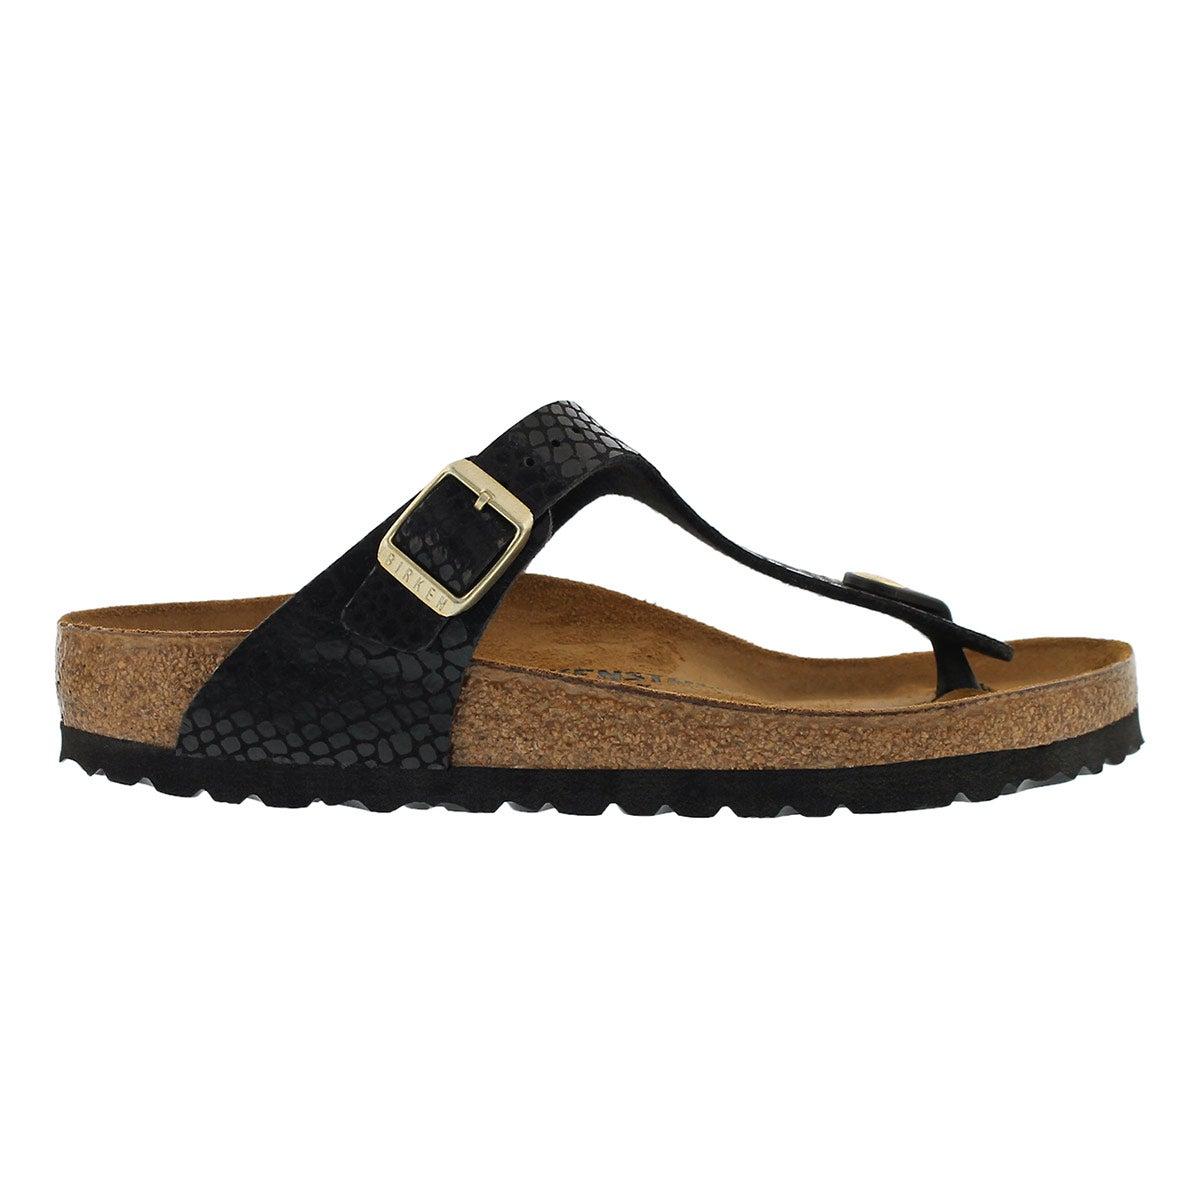 Lds Gizeh shinysnake blk BF thong sandal